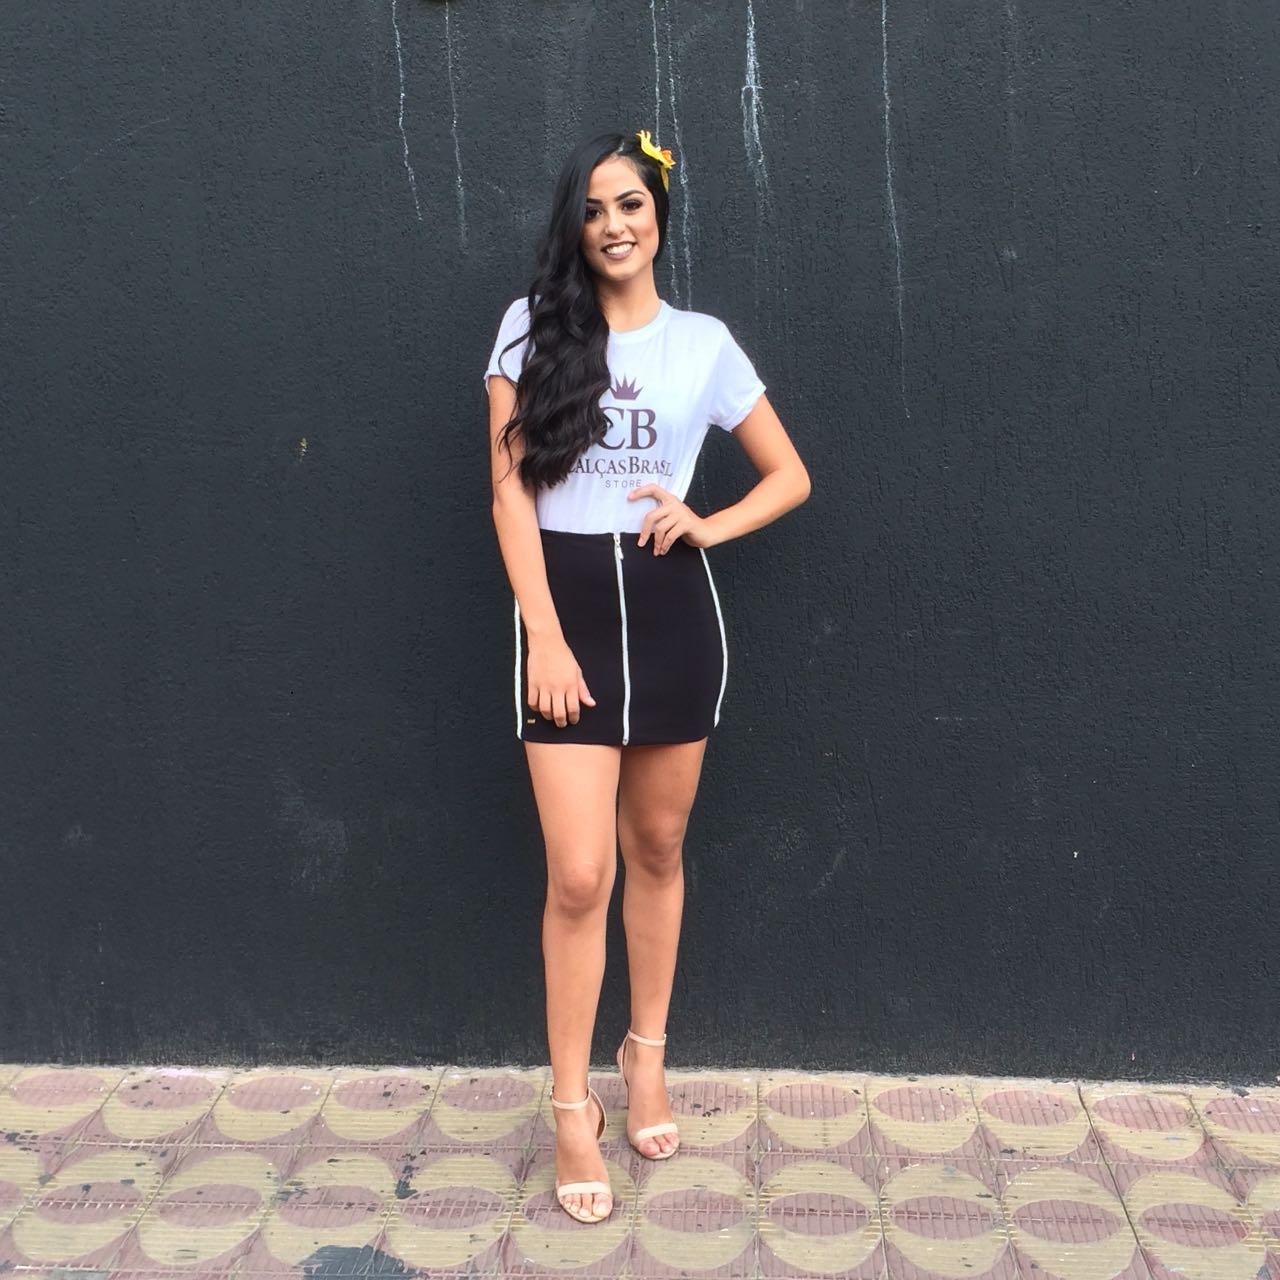 É muita beleza em uma só imagem. A modelo oficial da grife Calças Brasil, Gabriela Costa, em clique vip para a coluna. Linda e exuberante!